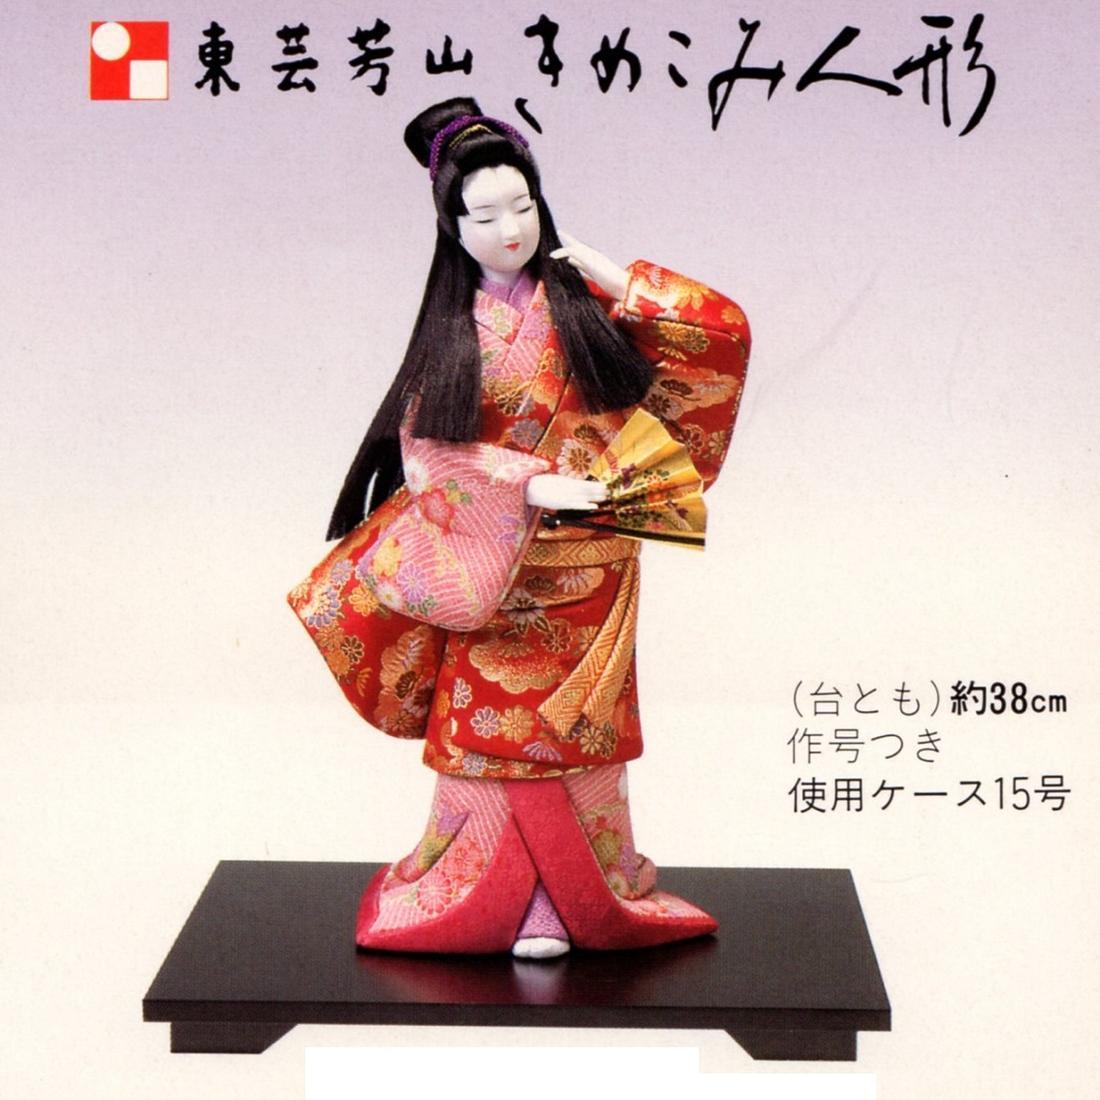 東芸 木目込人形キット「立姿・錦秋の舞」 S262-15